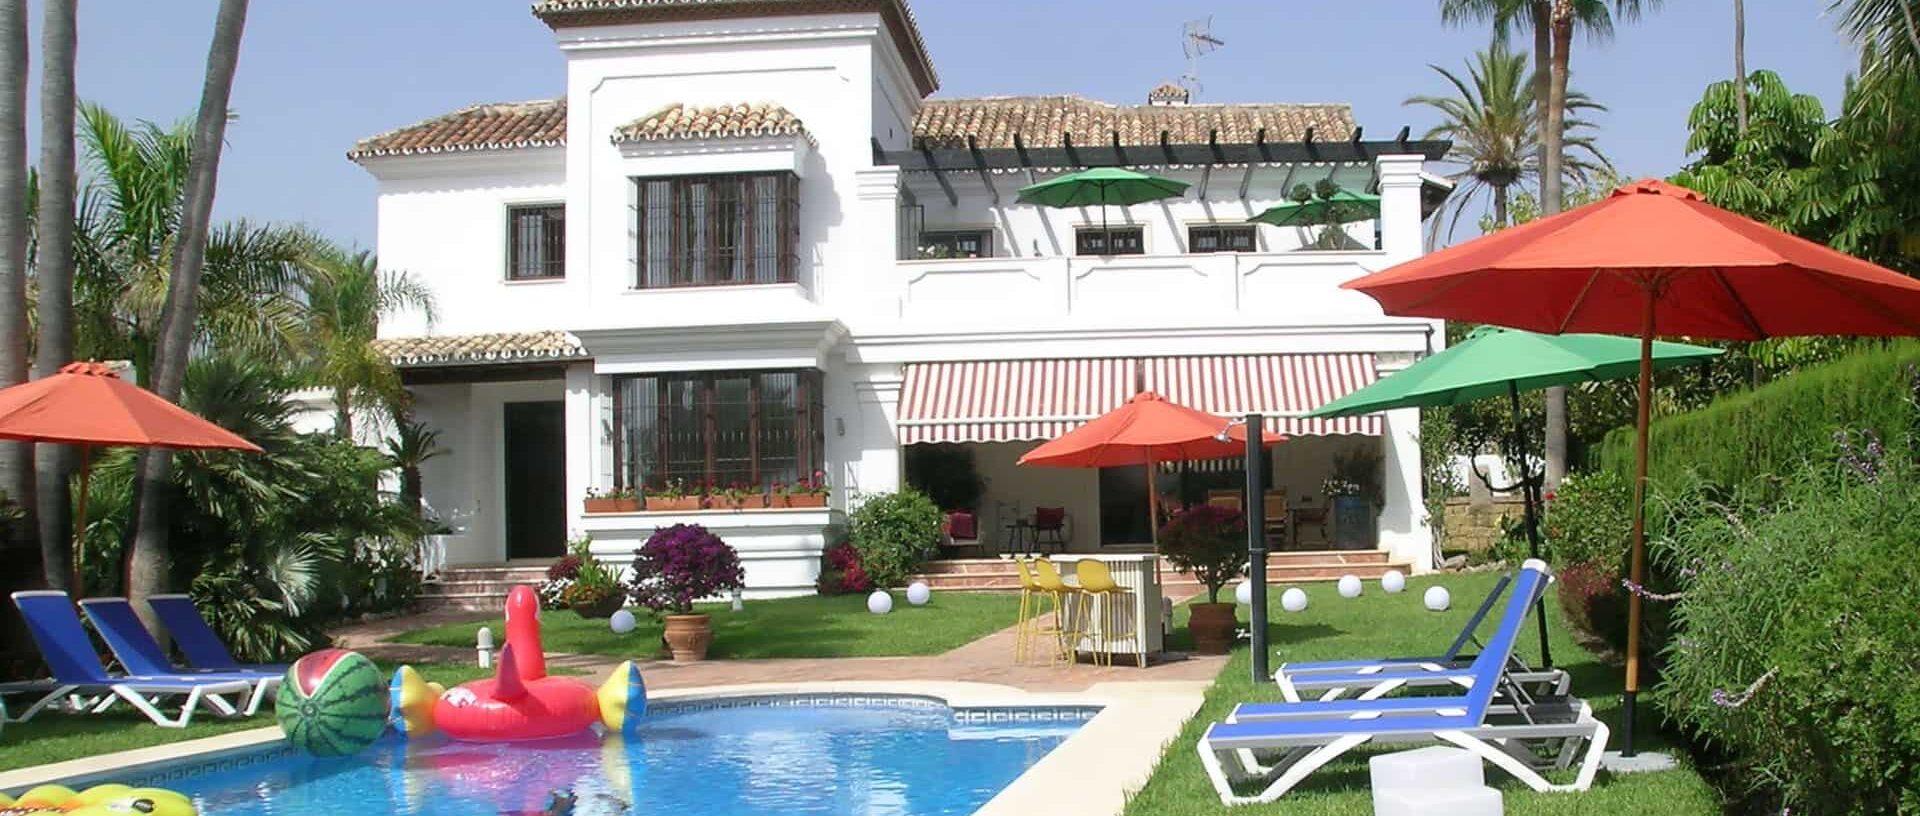 TravelGay recommendation La Perla Miguel